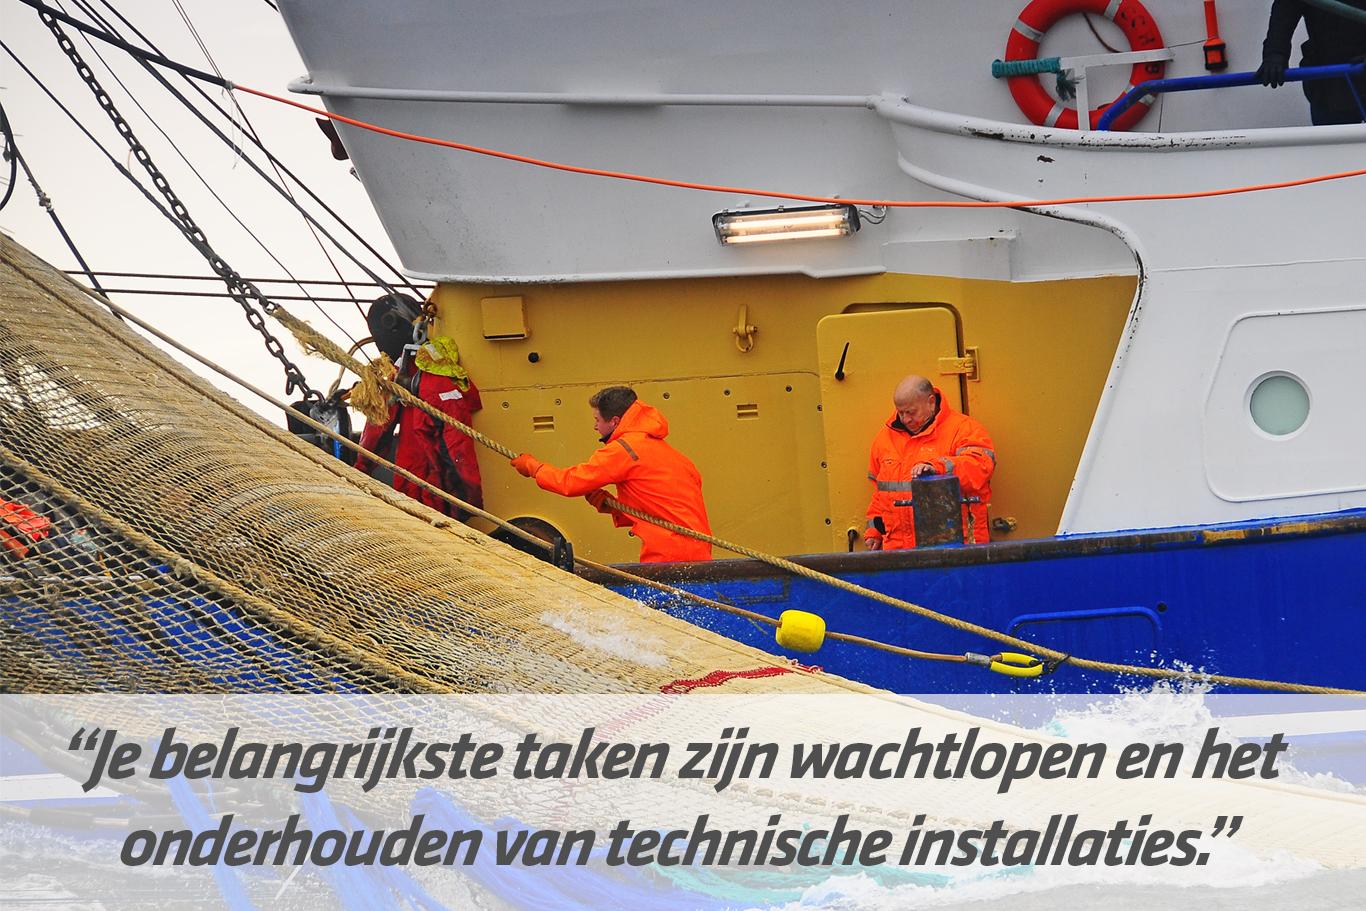 Mbo-opleiding Stuurman werktuigkundige zeevisvaart SW6 | STC mbo college